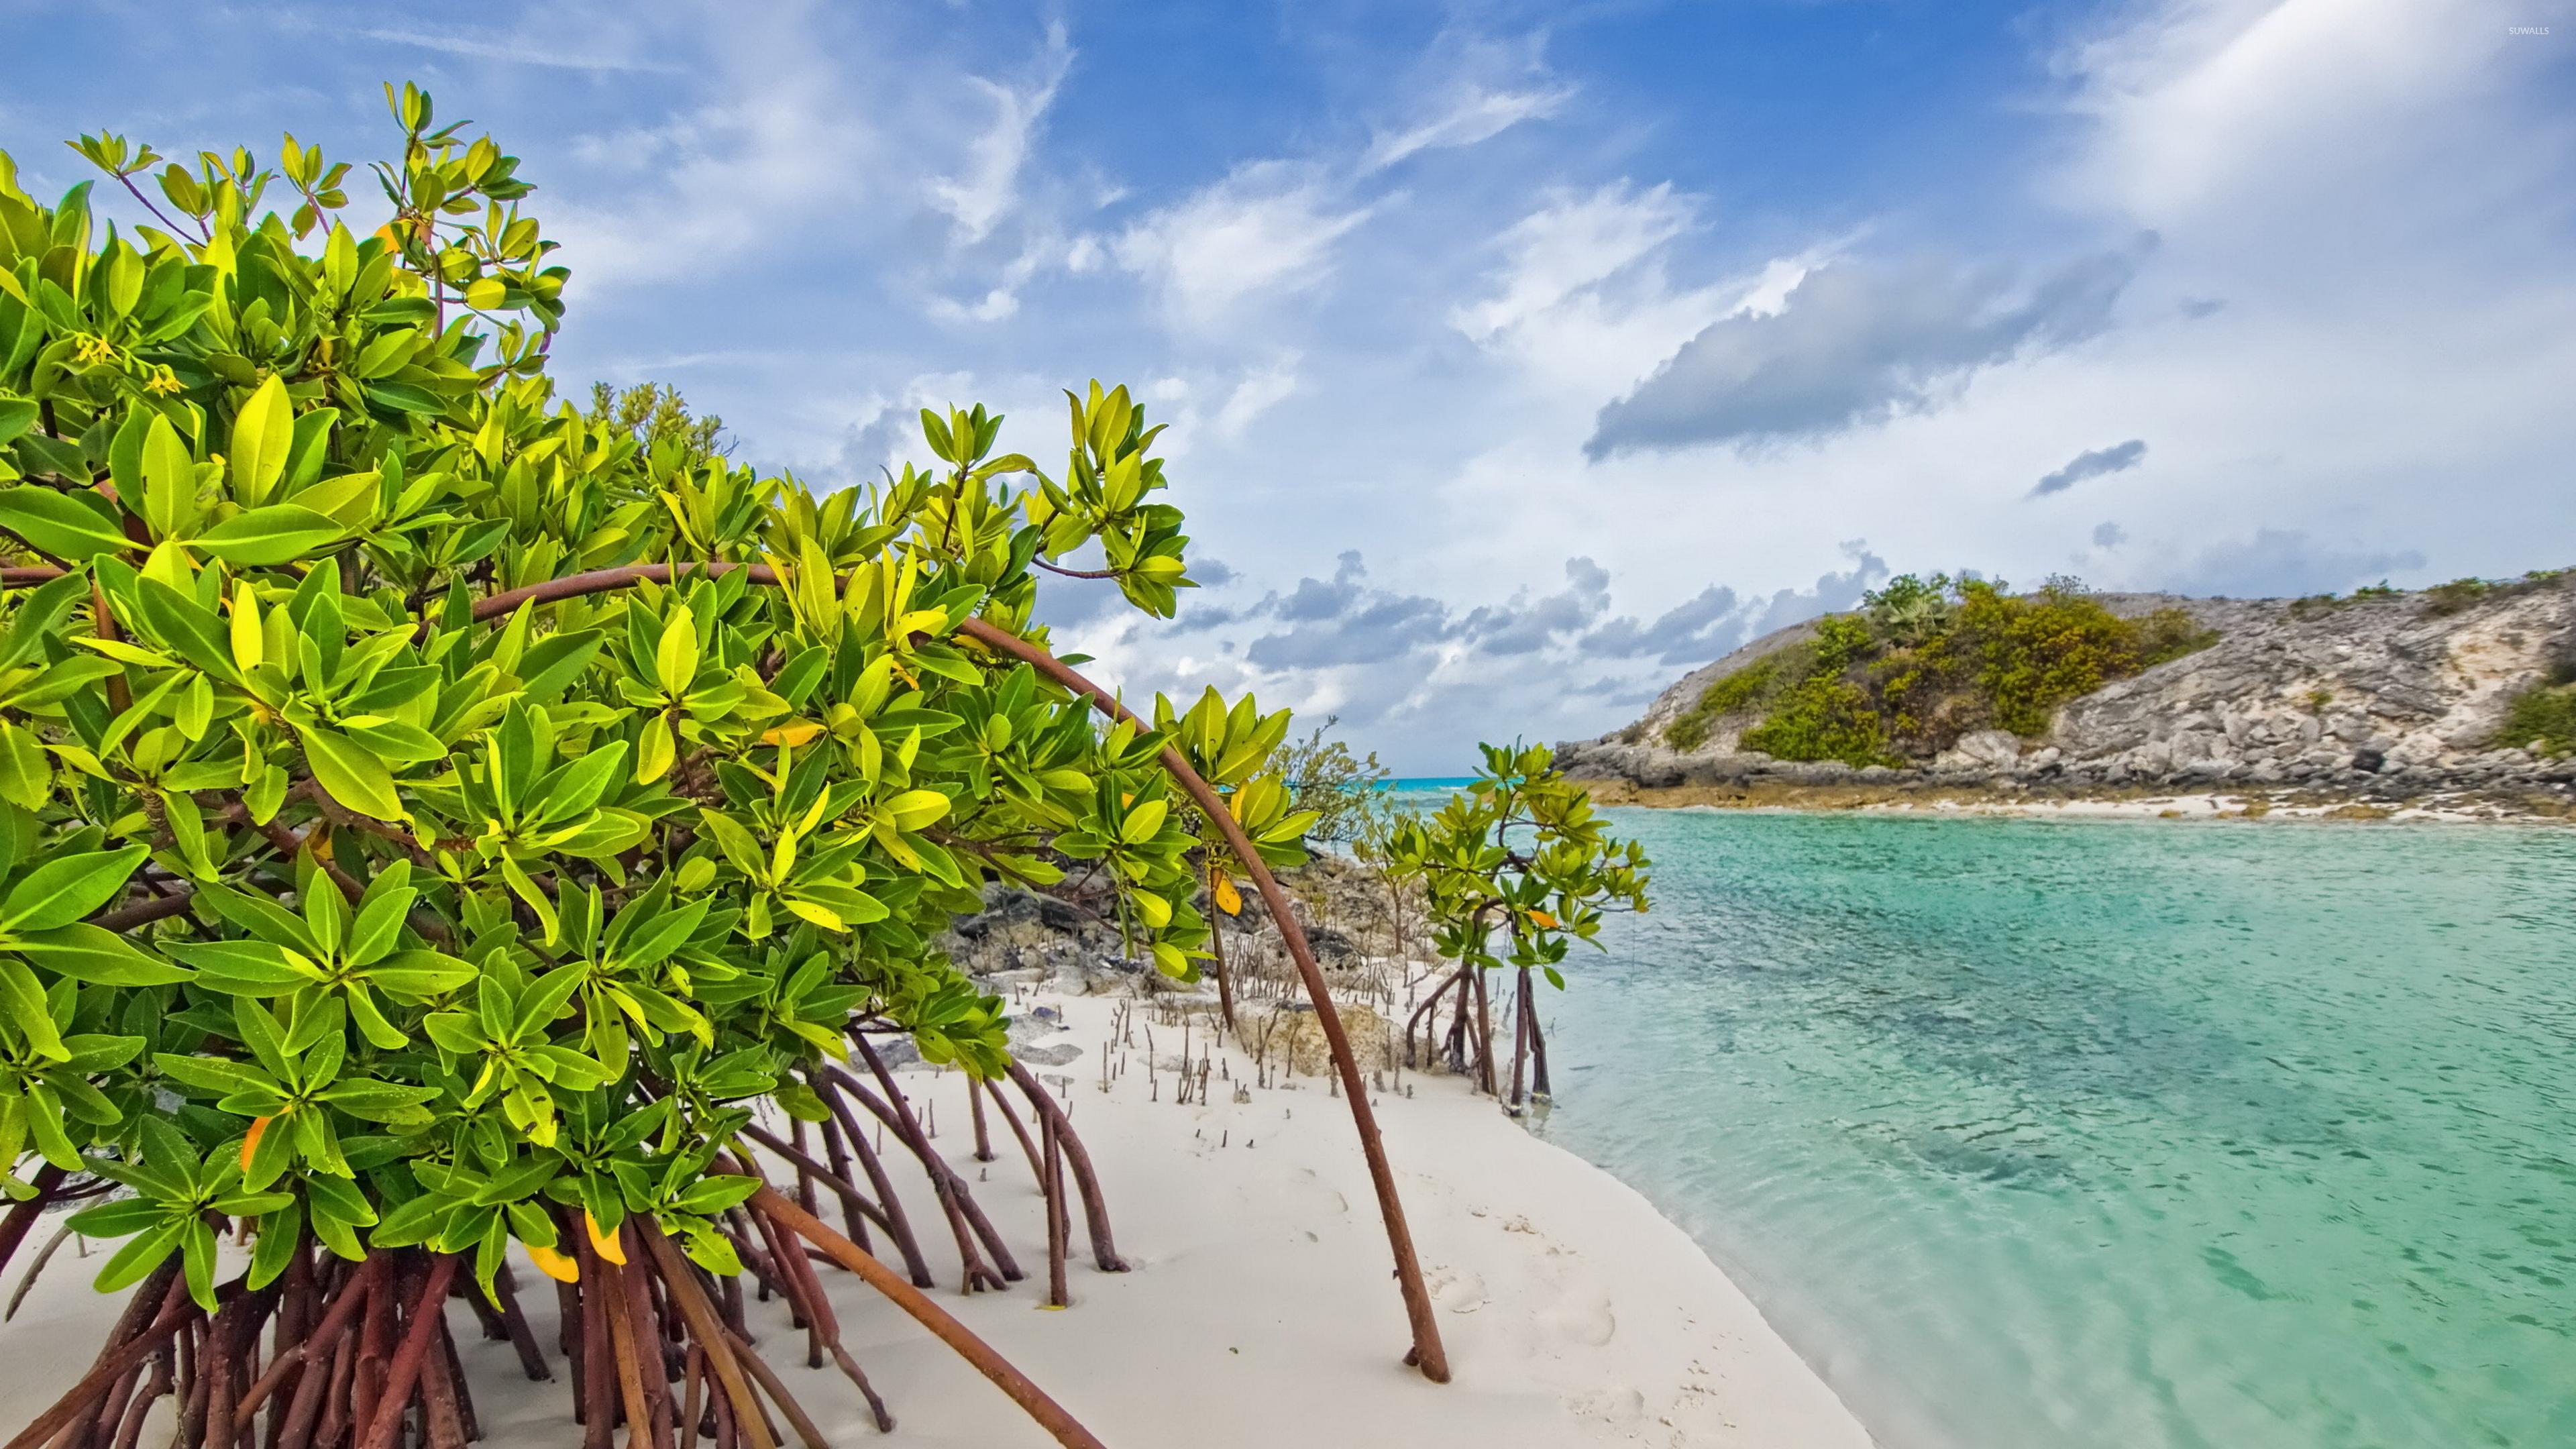 Sandy Beach Wallpaper: Mangroves On A Sandy Beach Wallpaper